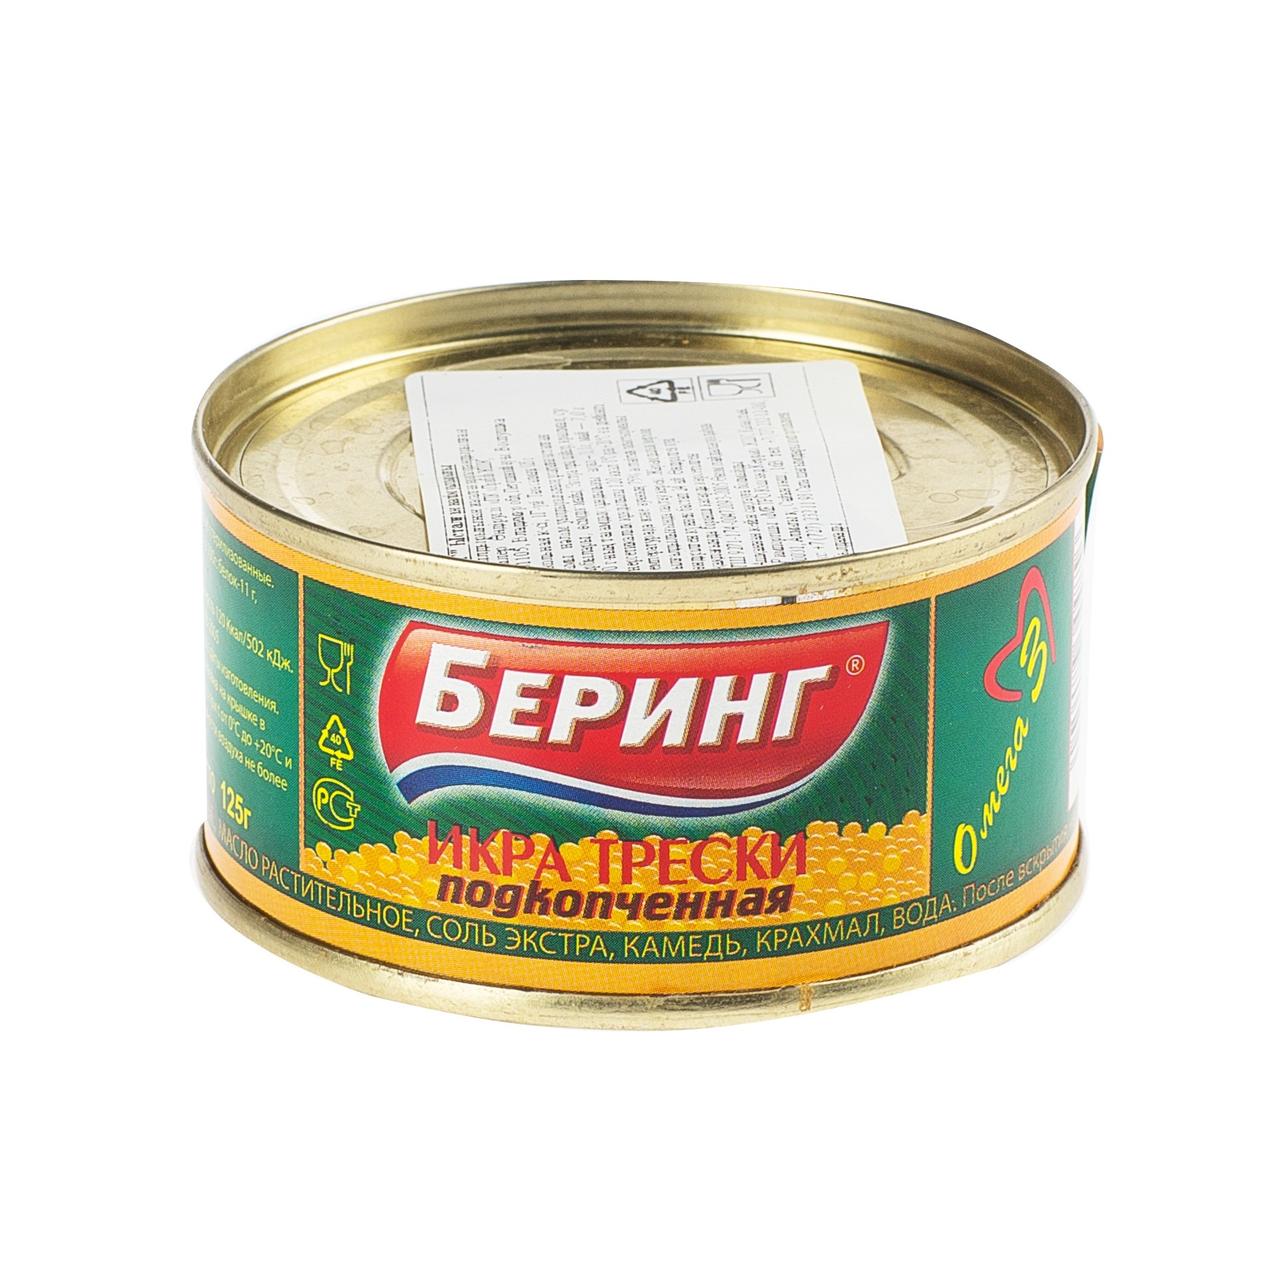 125Г ИКРА ТРЕСКИ ПОДКОПЧЕН БЕР